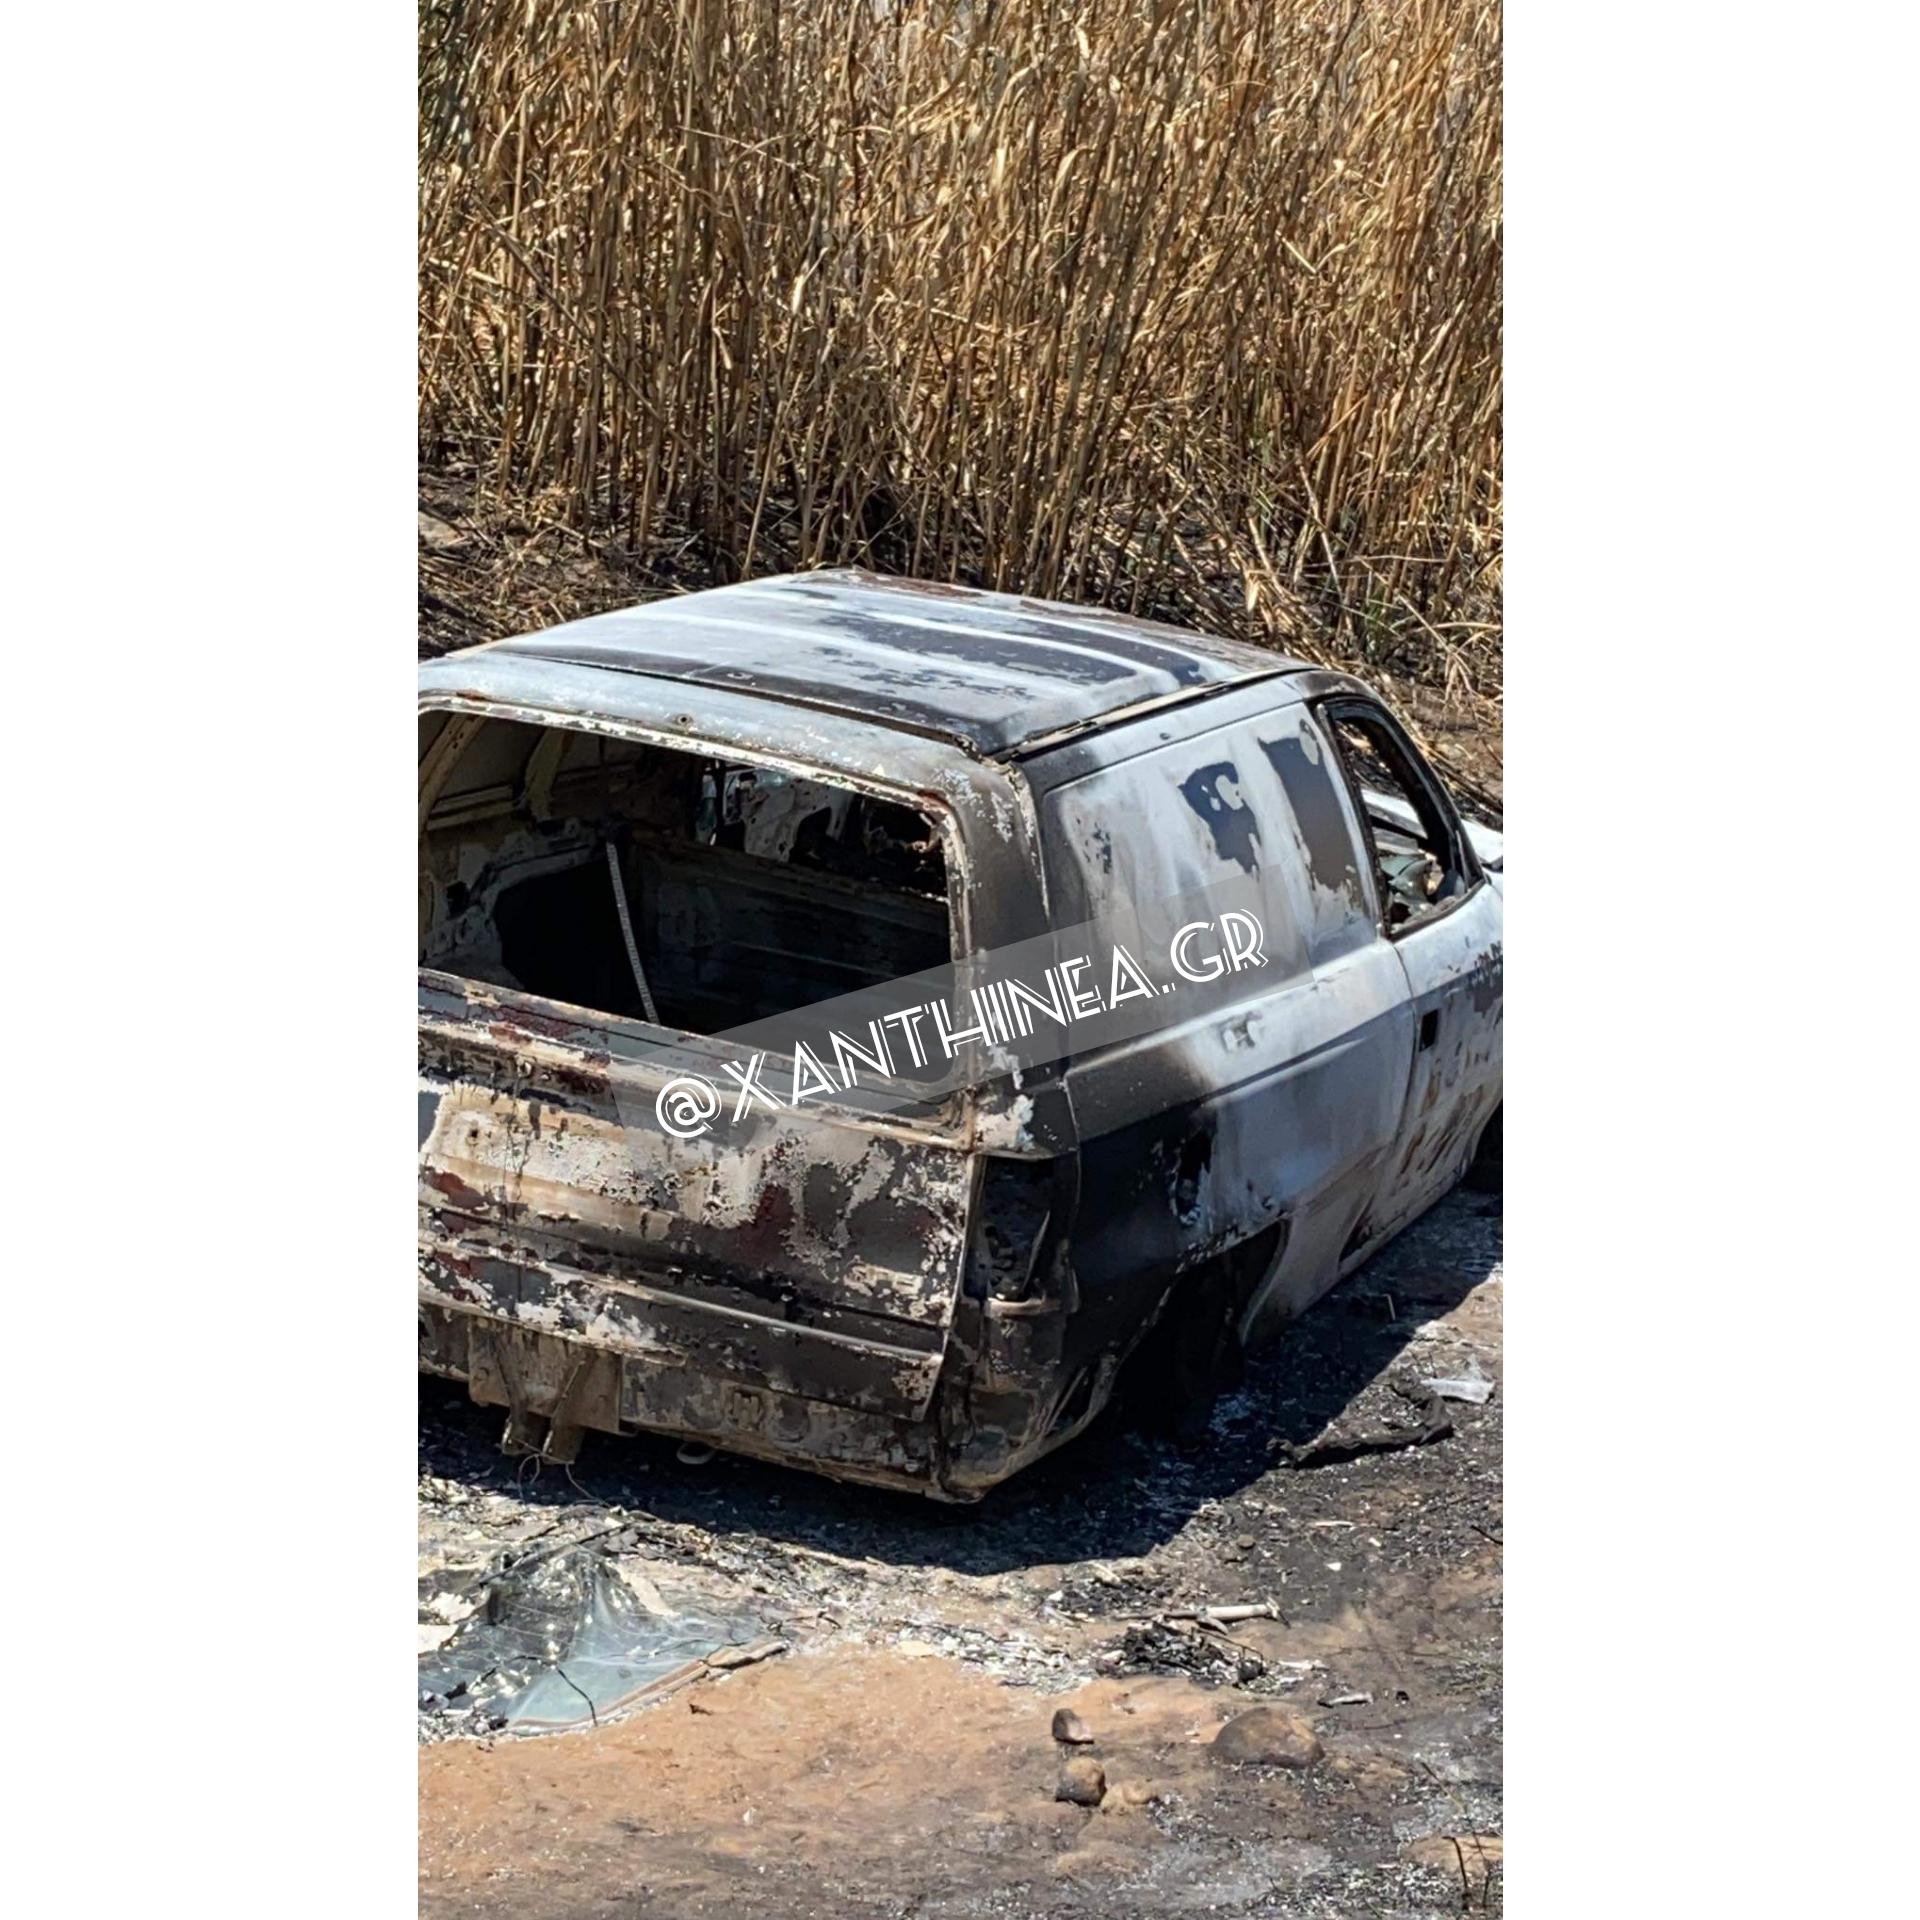 Ξάνθη: Έκλεψαν αμάξι από τη Διομήδεια και το βρήκαν καμένο